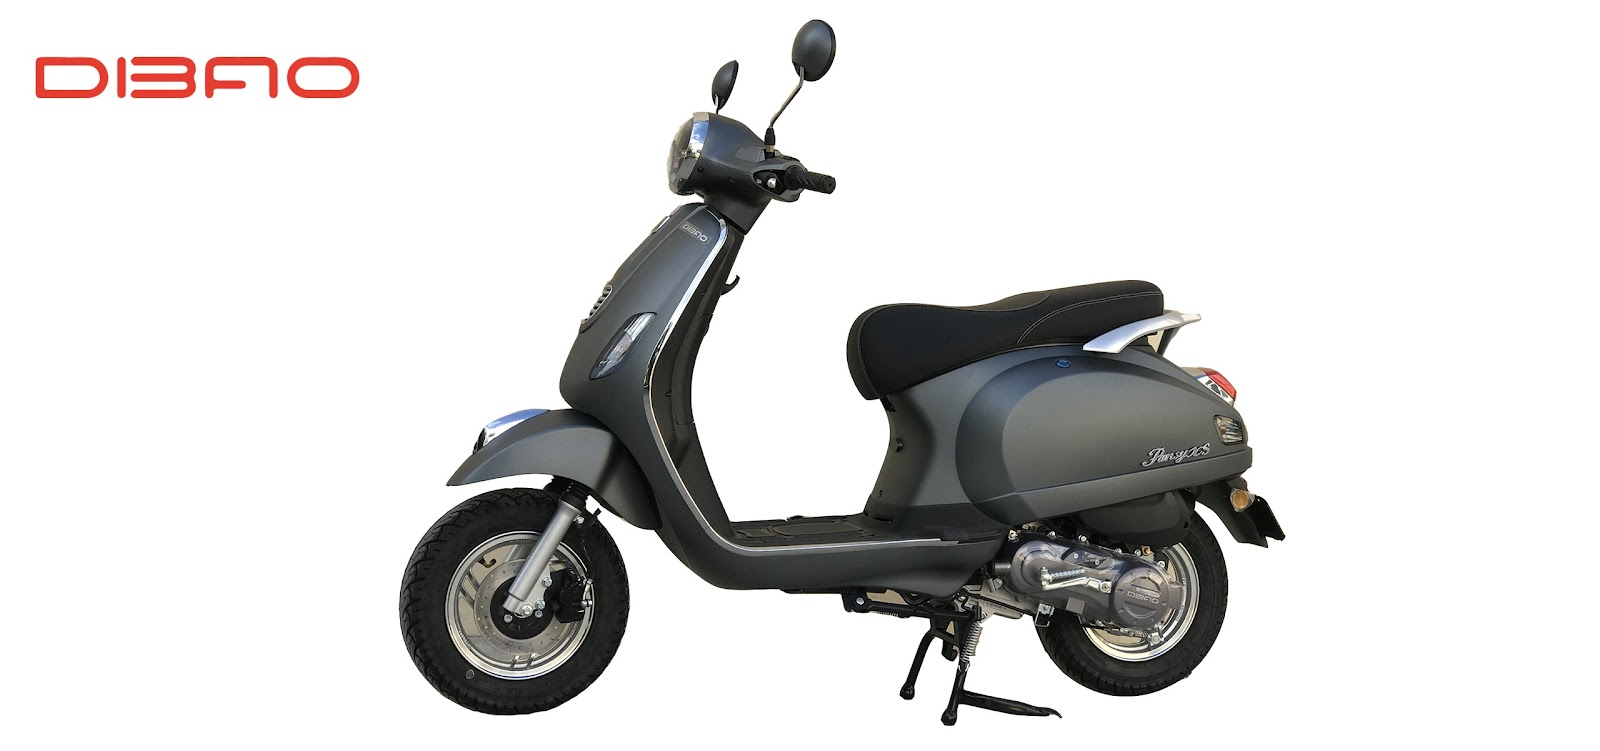 DIBAO Pansy XS xe tay ga 50cc có kiểu dáng hấp dẫn